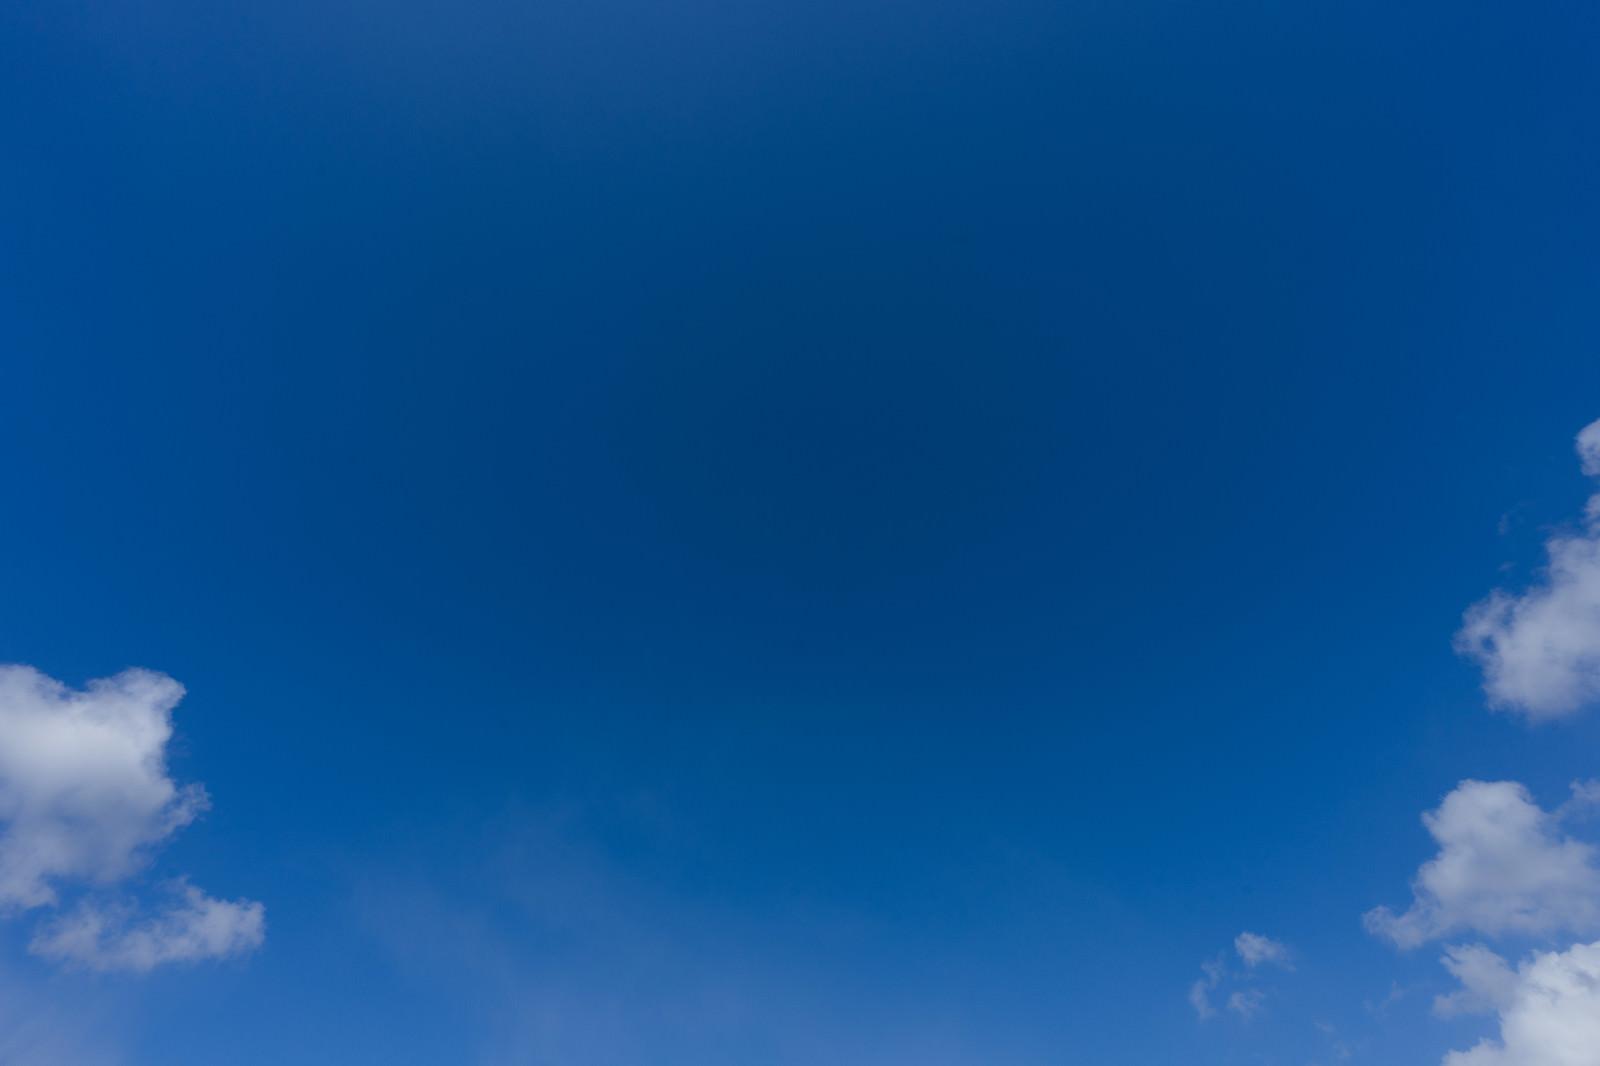 「少し雲が残る青空少し雲が残る青空」のフリー写真素材を拡大